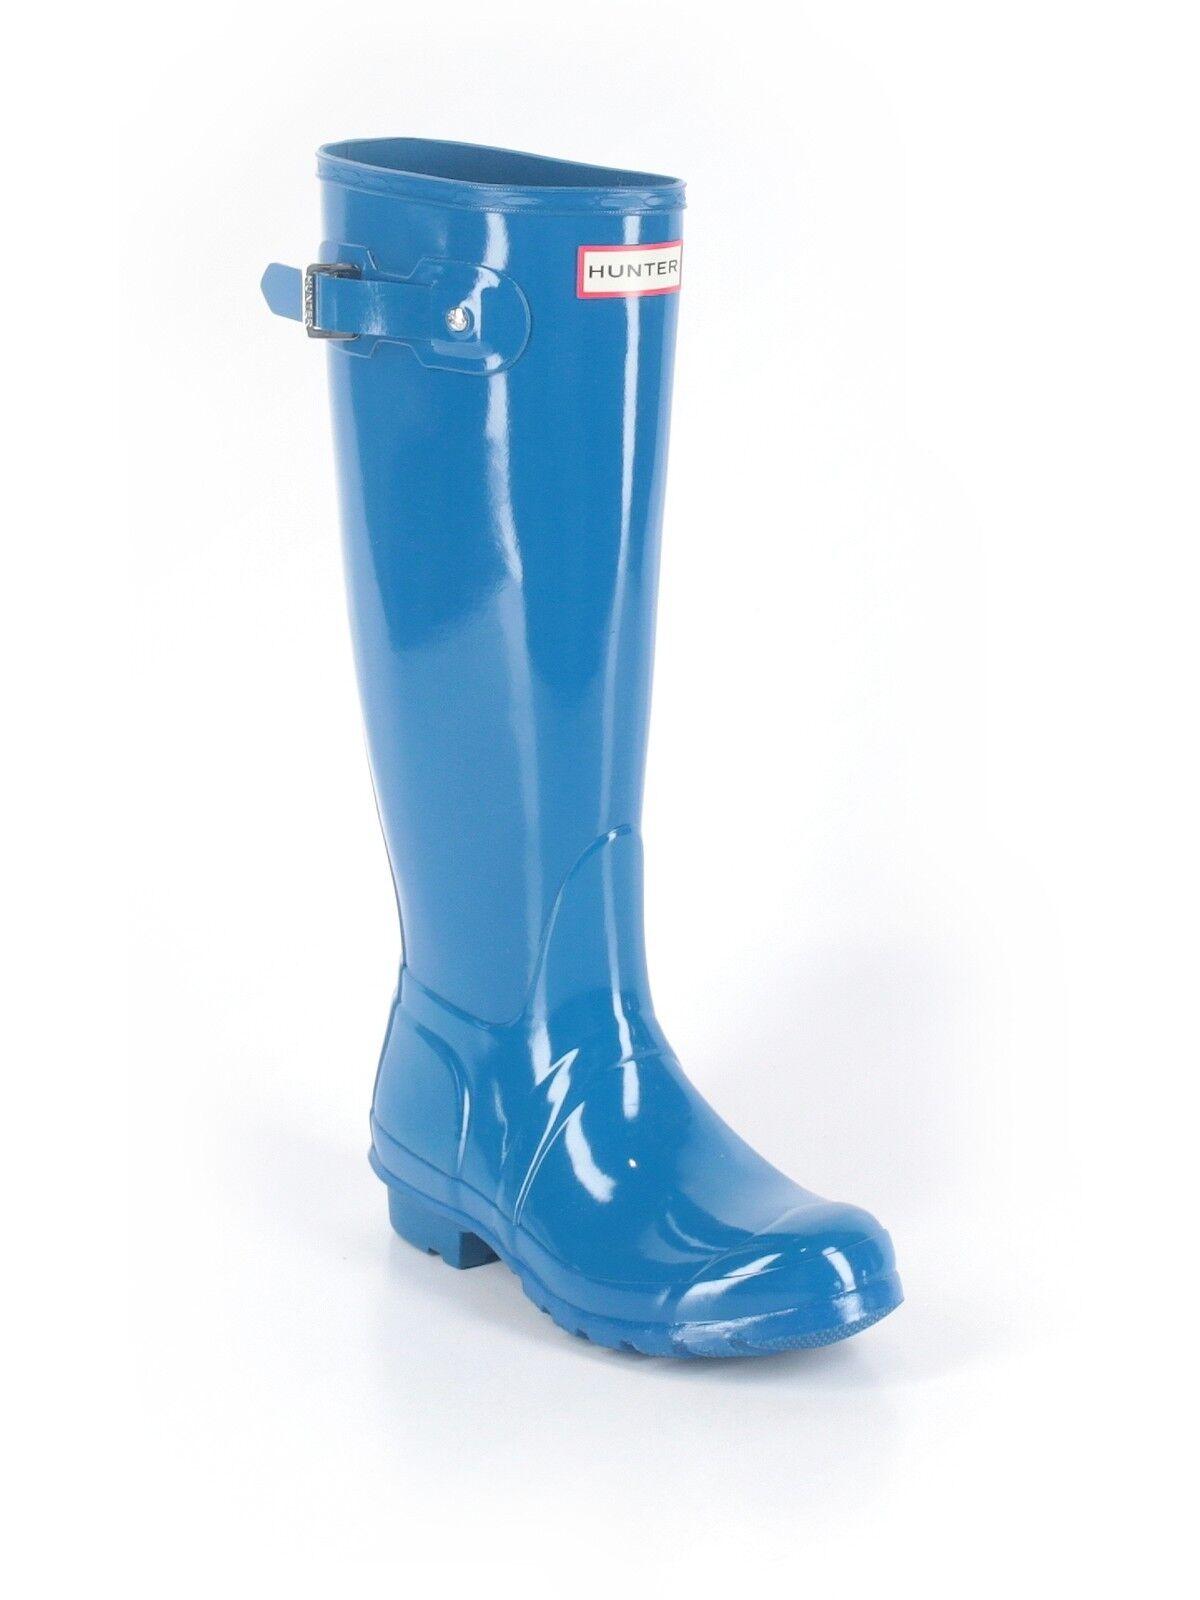 supporto al dettaglio all'ingrosso donna donna donna Bright  blu Original Tall Hunter Gloss Rain stivali Wellies Dimensione 6F 6 37  con il 100% di qualità e il 100% di servizio